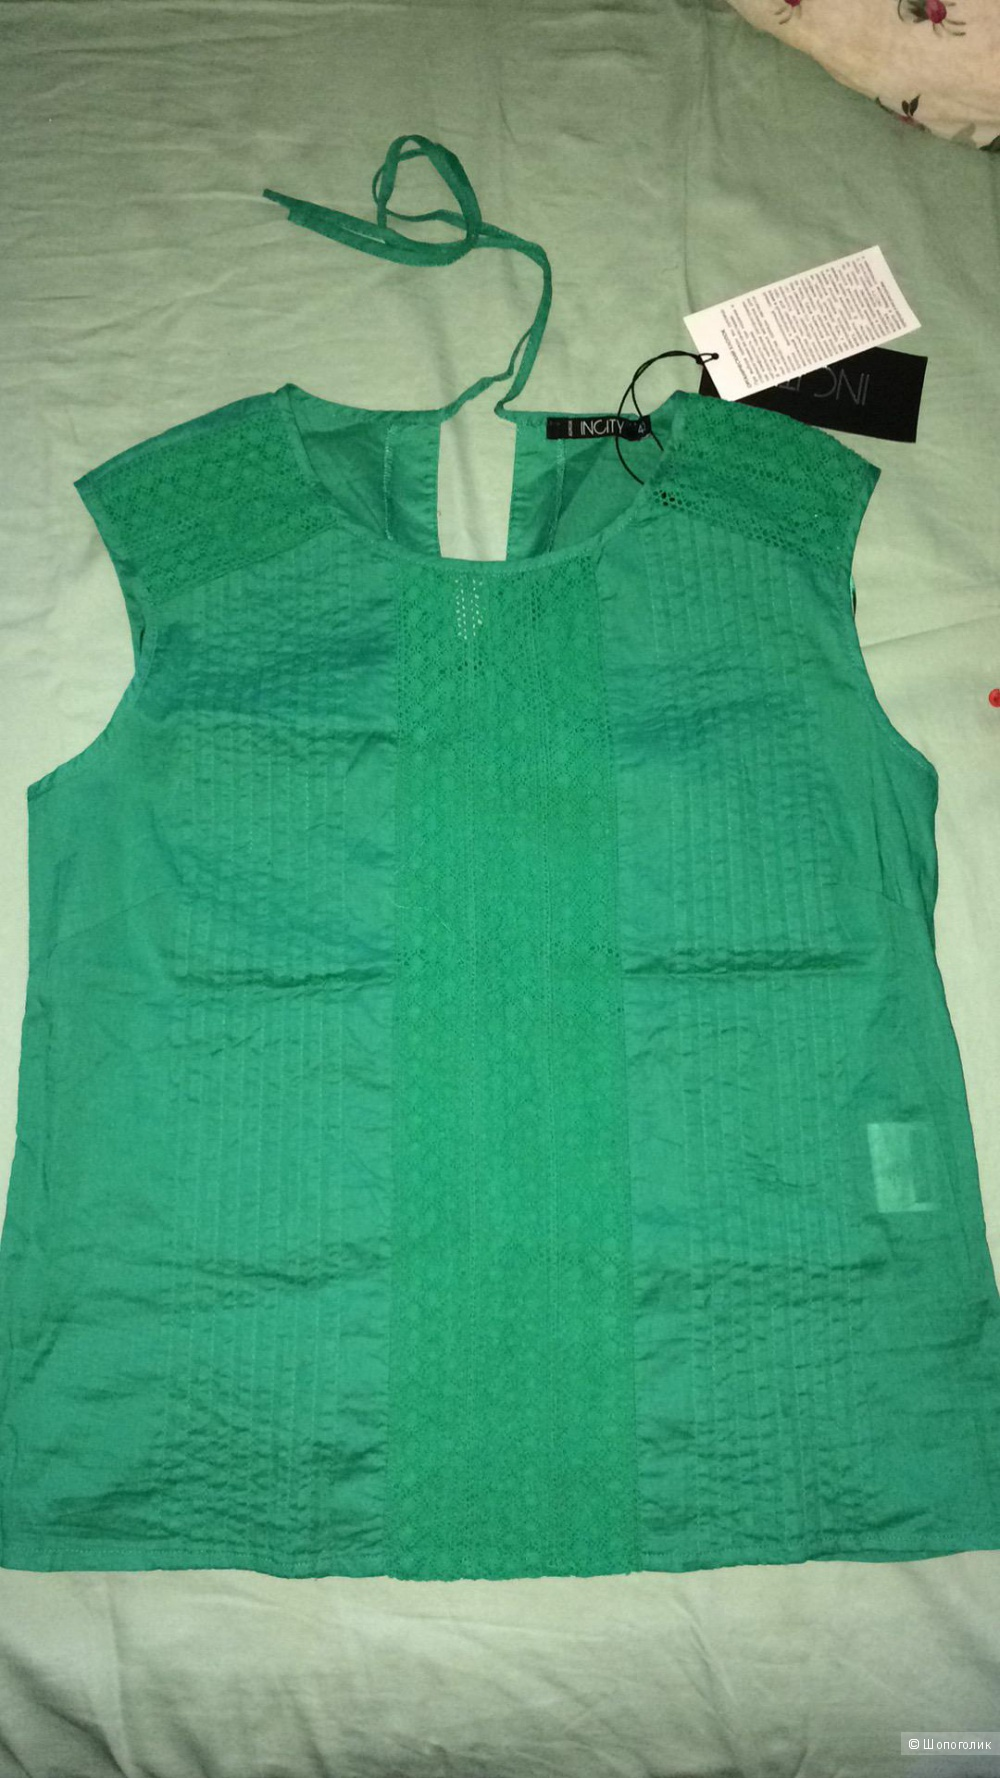 Блузка INCITY, размер 40-42, хлопок 100% цвета бриллиантовой зелени